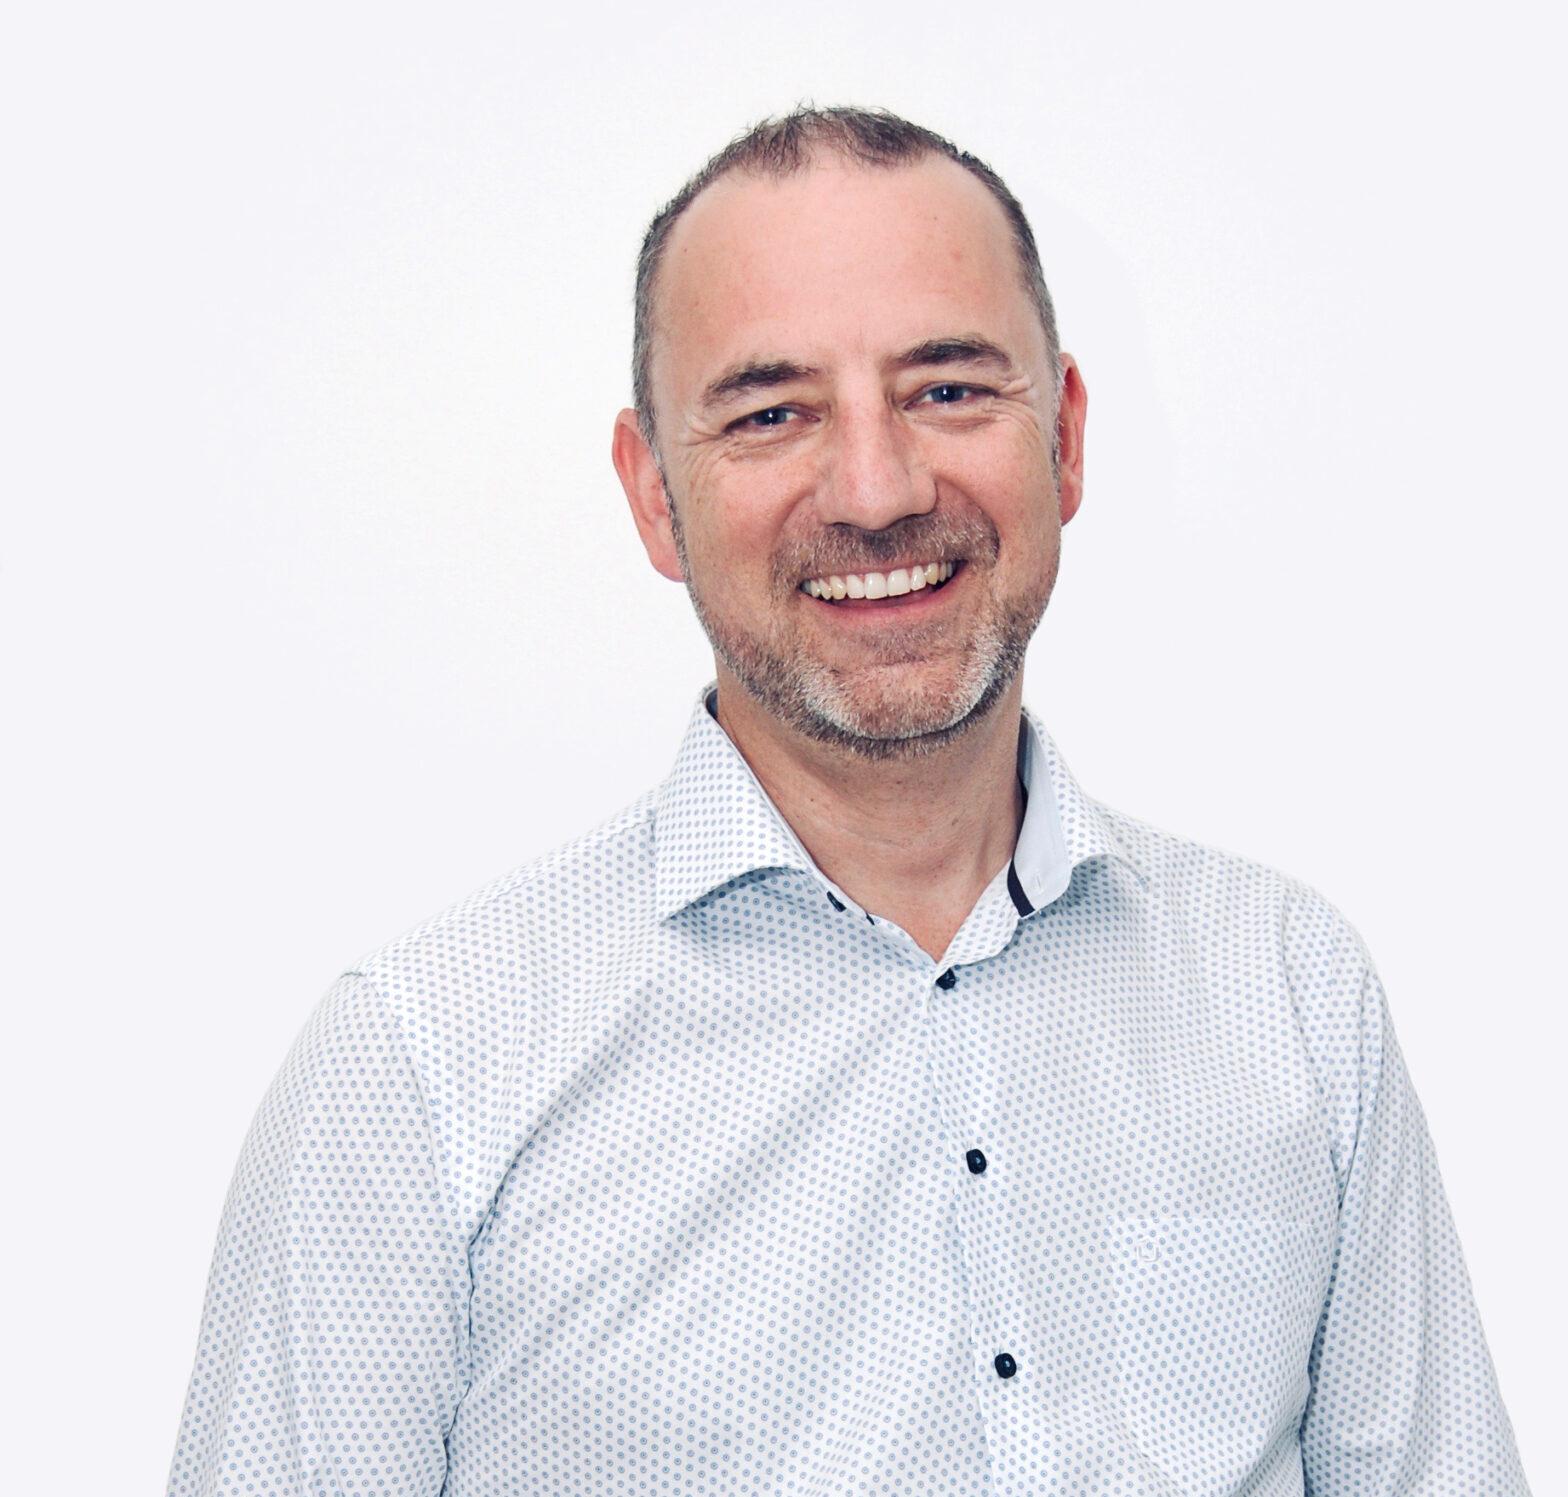 Marcel Schuurmans